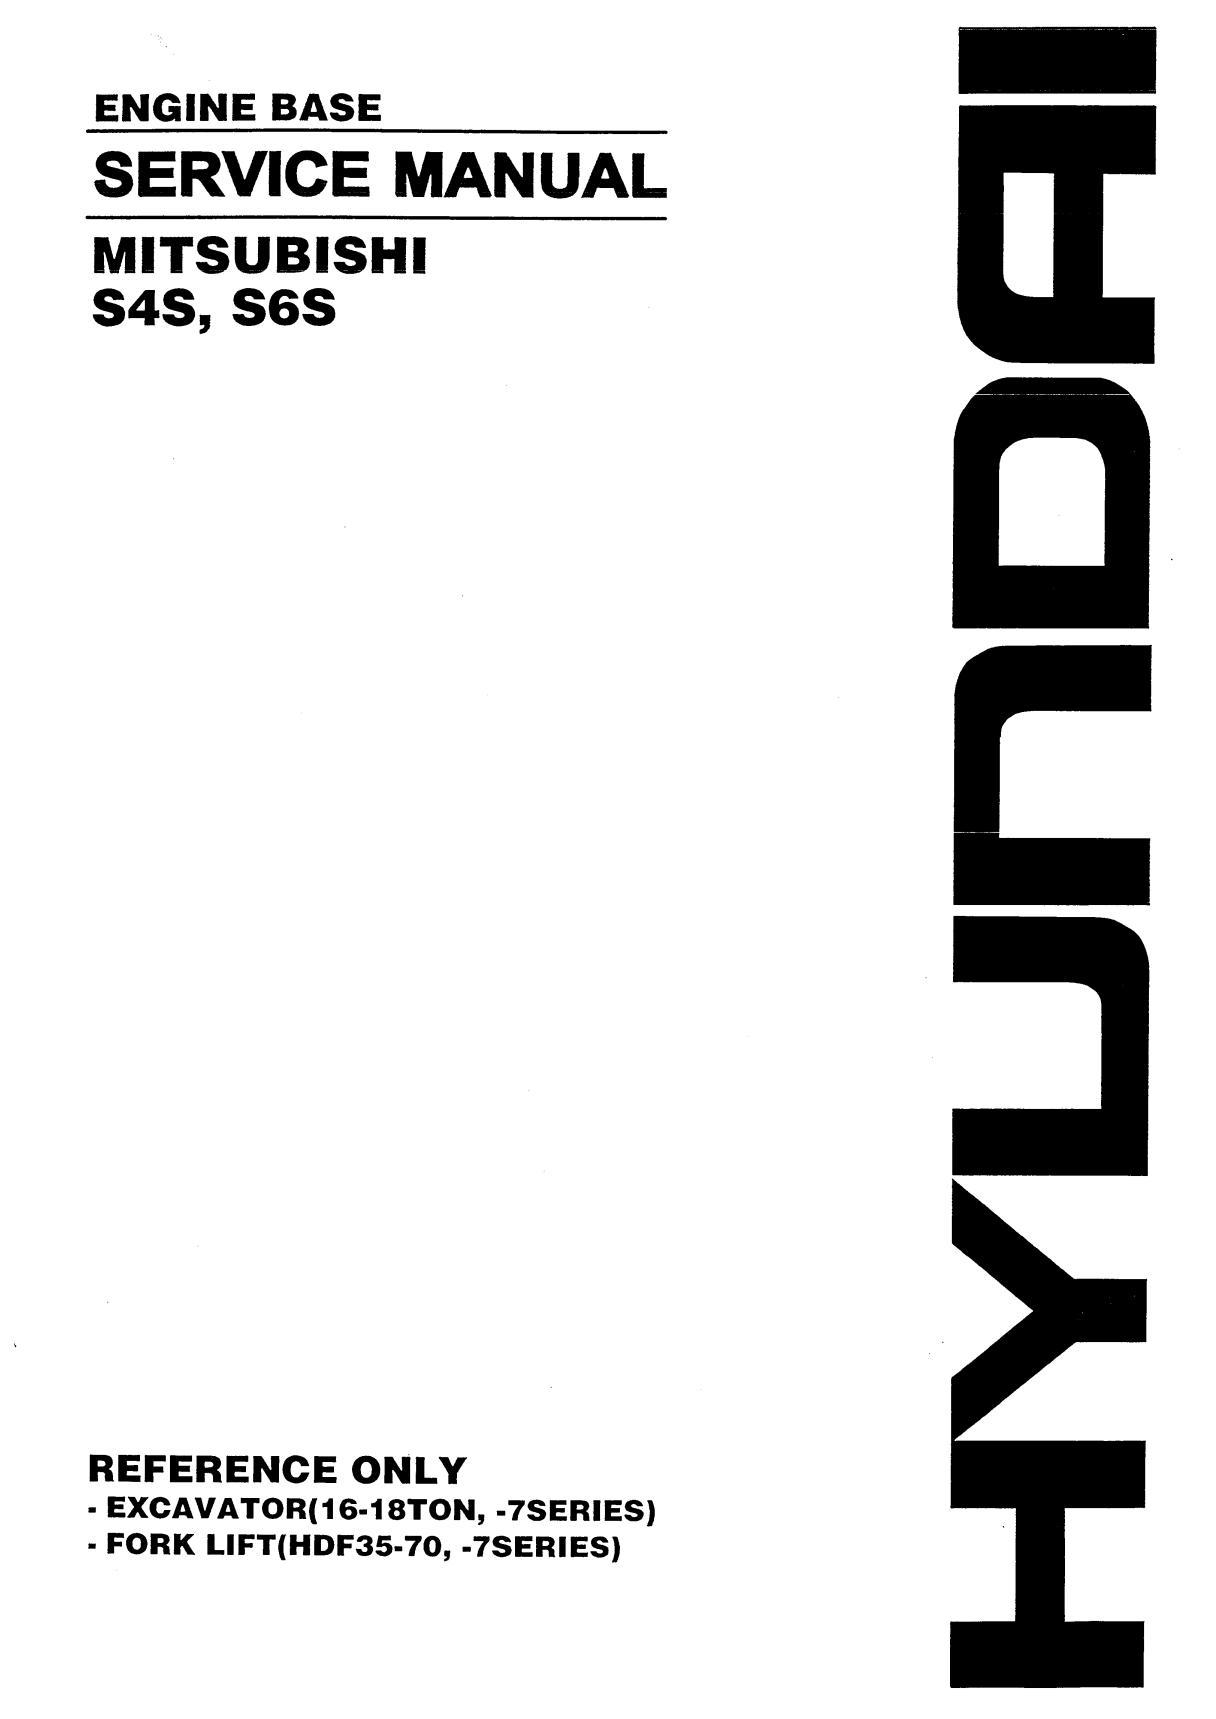 Ремонт и эксплуатация MITSUBISHI S4S, S6S